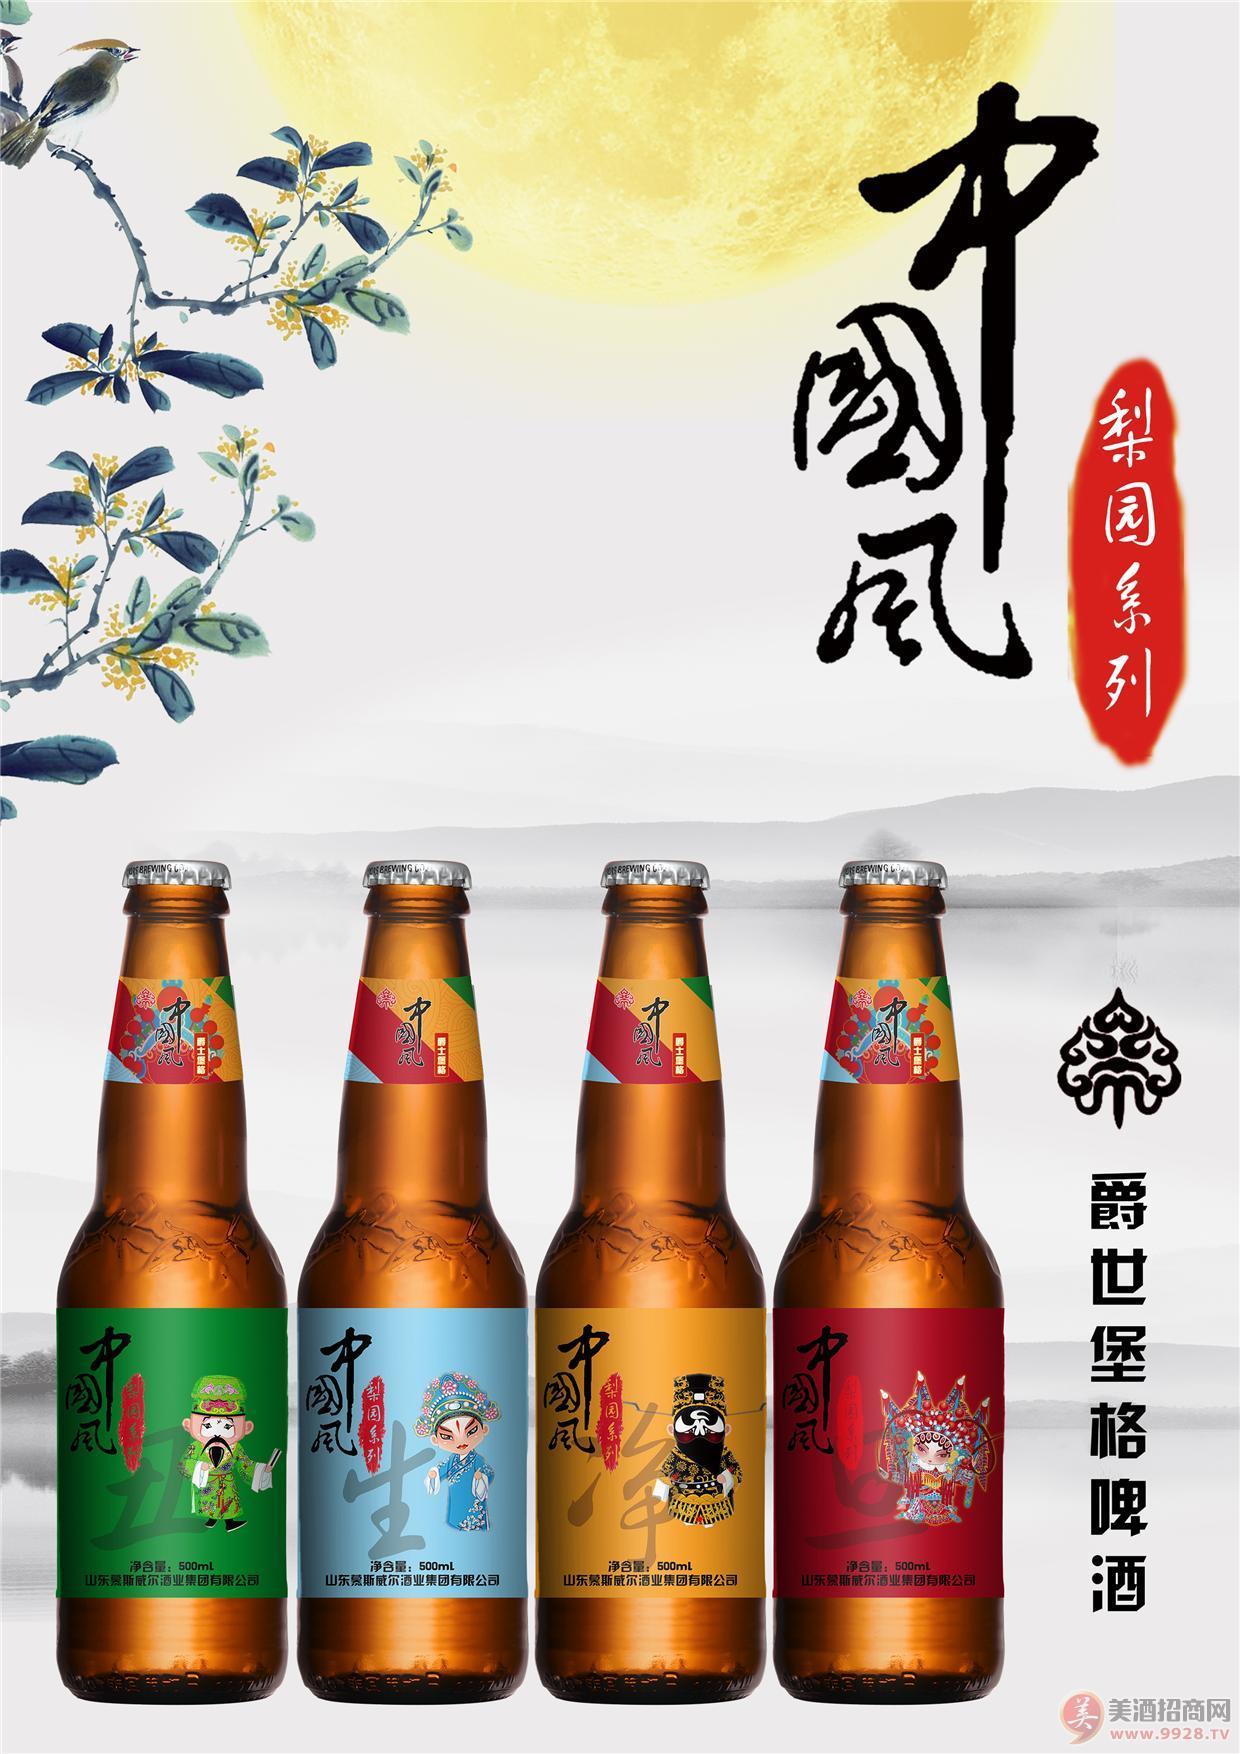 500毫升拉�h�w啤酒加盟/�B生特色啤酒招商南通/�江